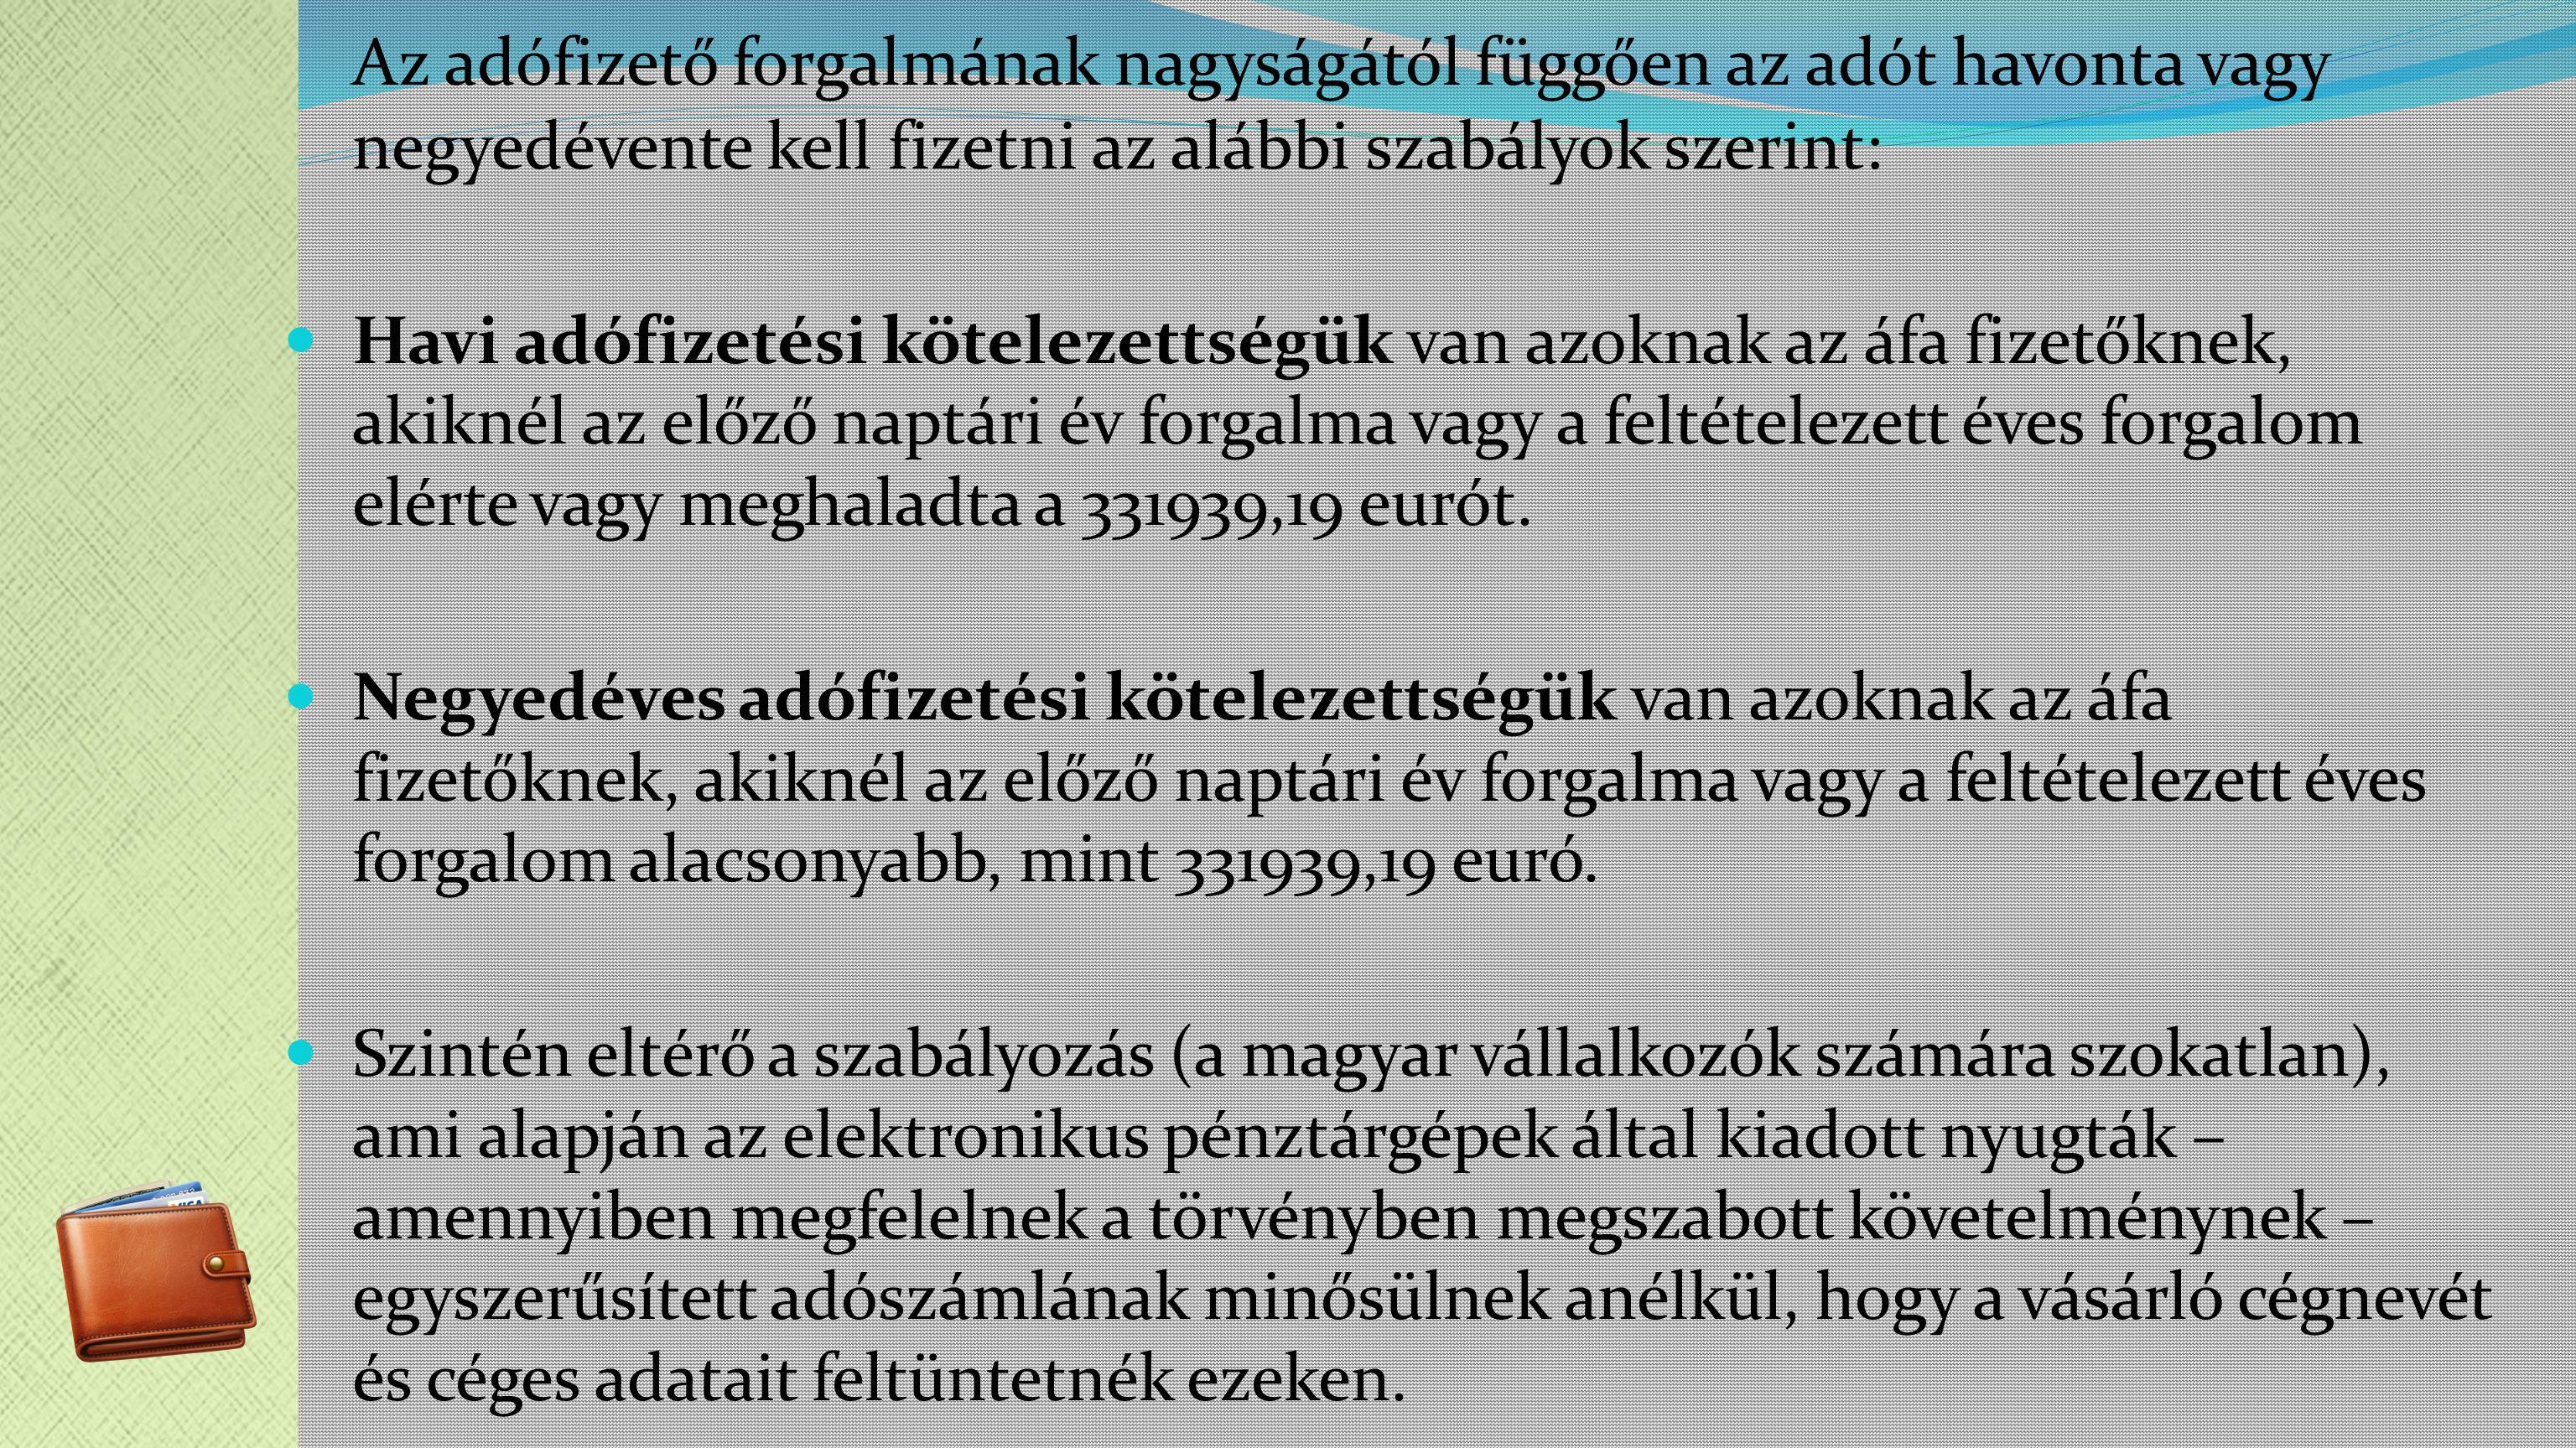 Az adófizető forgalmának nagyságától függően az adót havonta vagy negyedévente kell fizetni az alábbi szabályok szerint: Havi adófizetési kötelezettségük van azoknak az áfa fizetőknek, akiknél az előző naptári év forgalma vagy a feltételezett éves forgalom elérte vagy meghaladta a 331939,19 eurót.